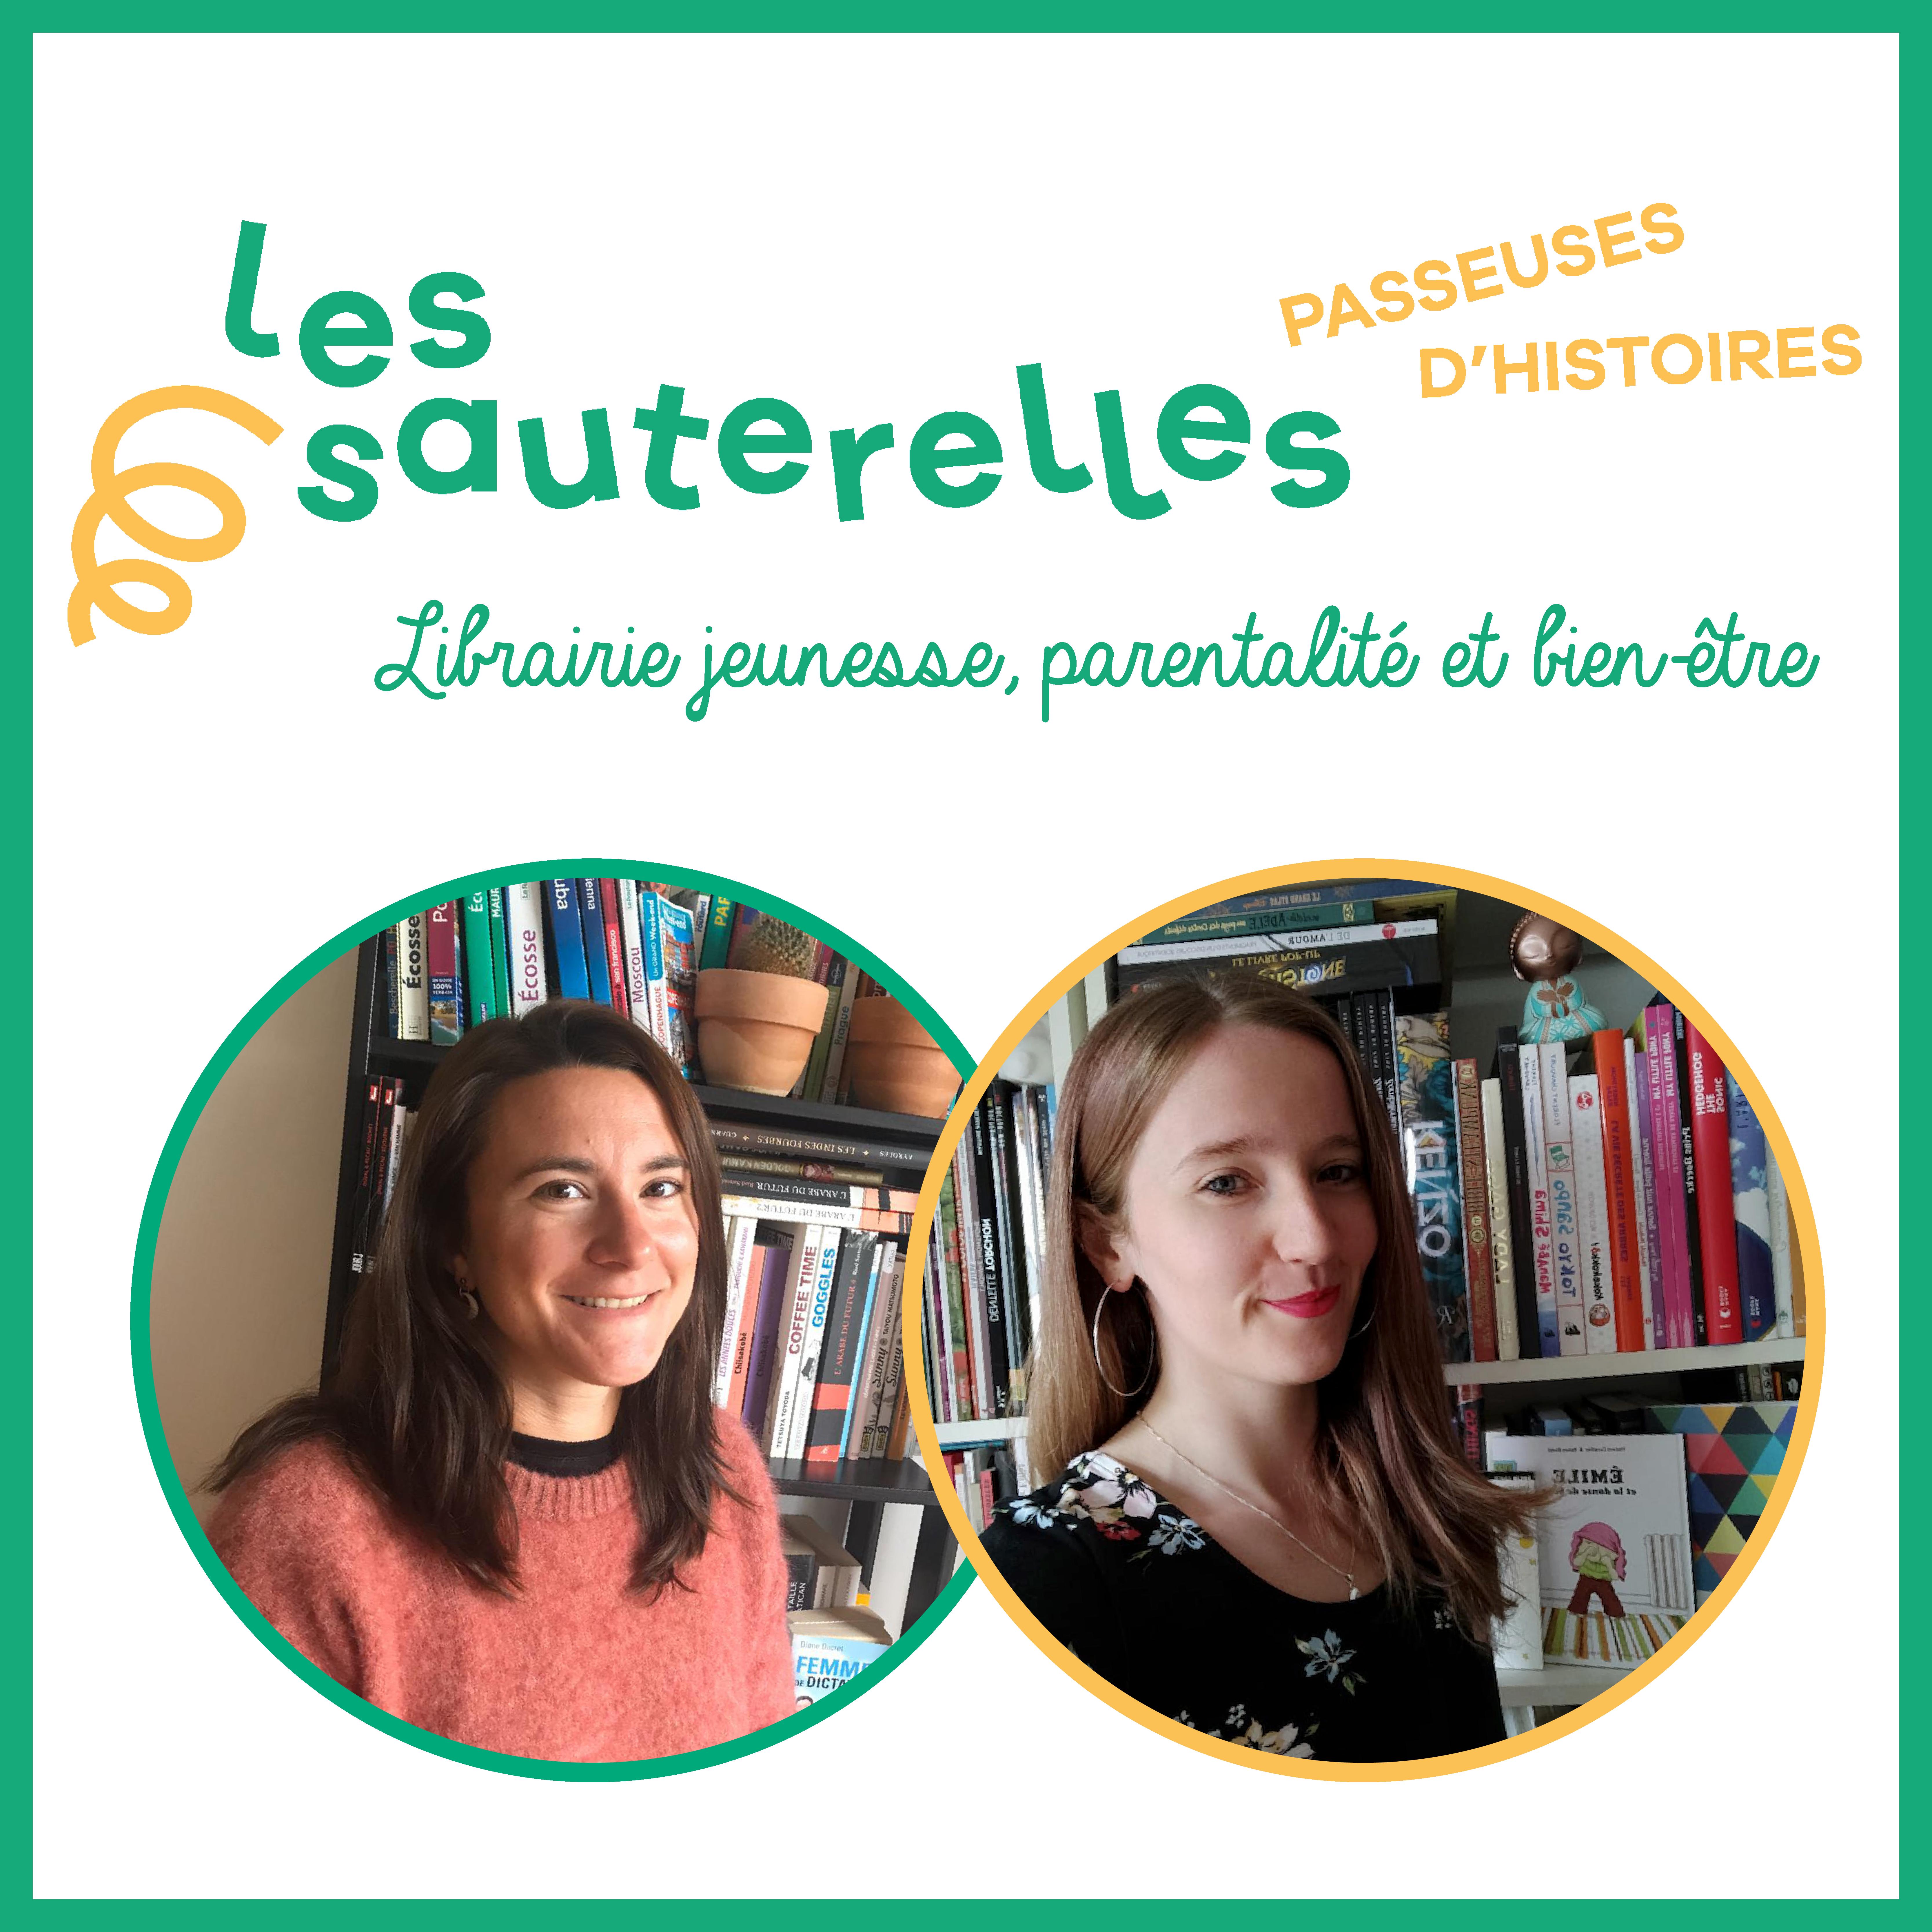 Soutenez la reprise de la librairie jeunesse de Colombes (Hauts-de-Seine) !